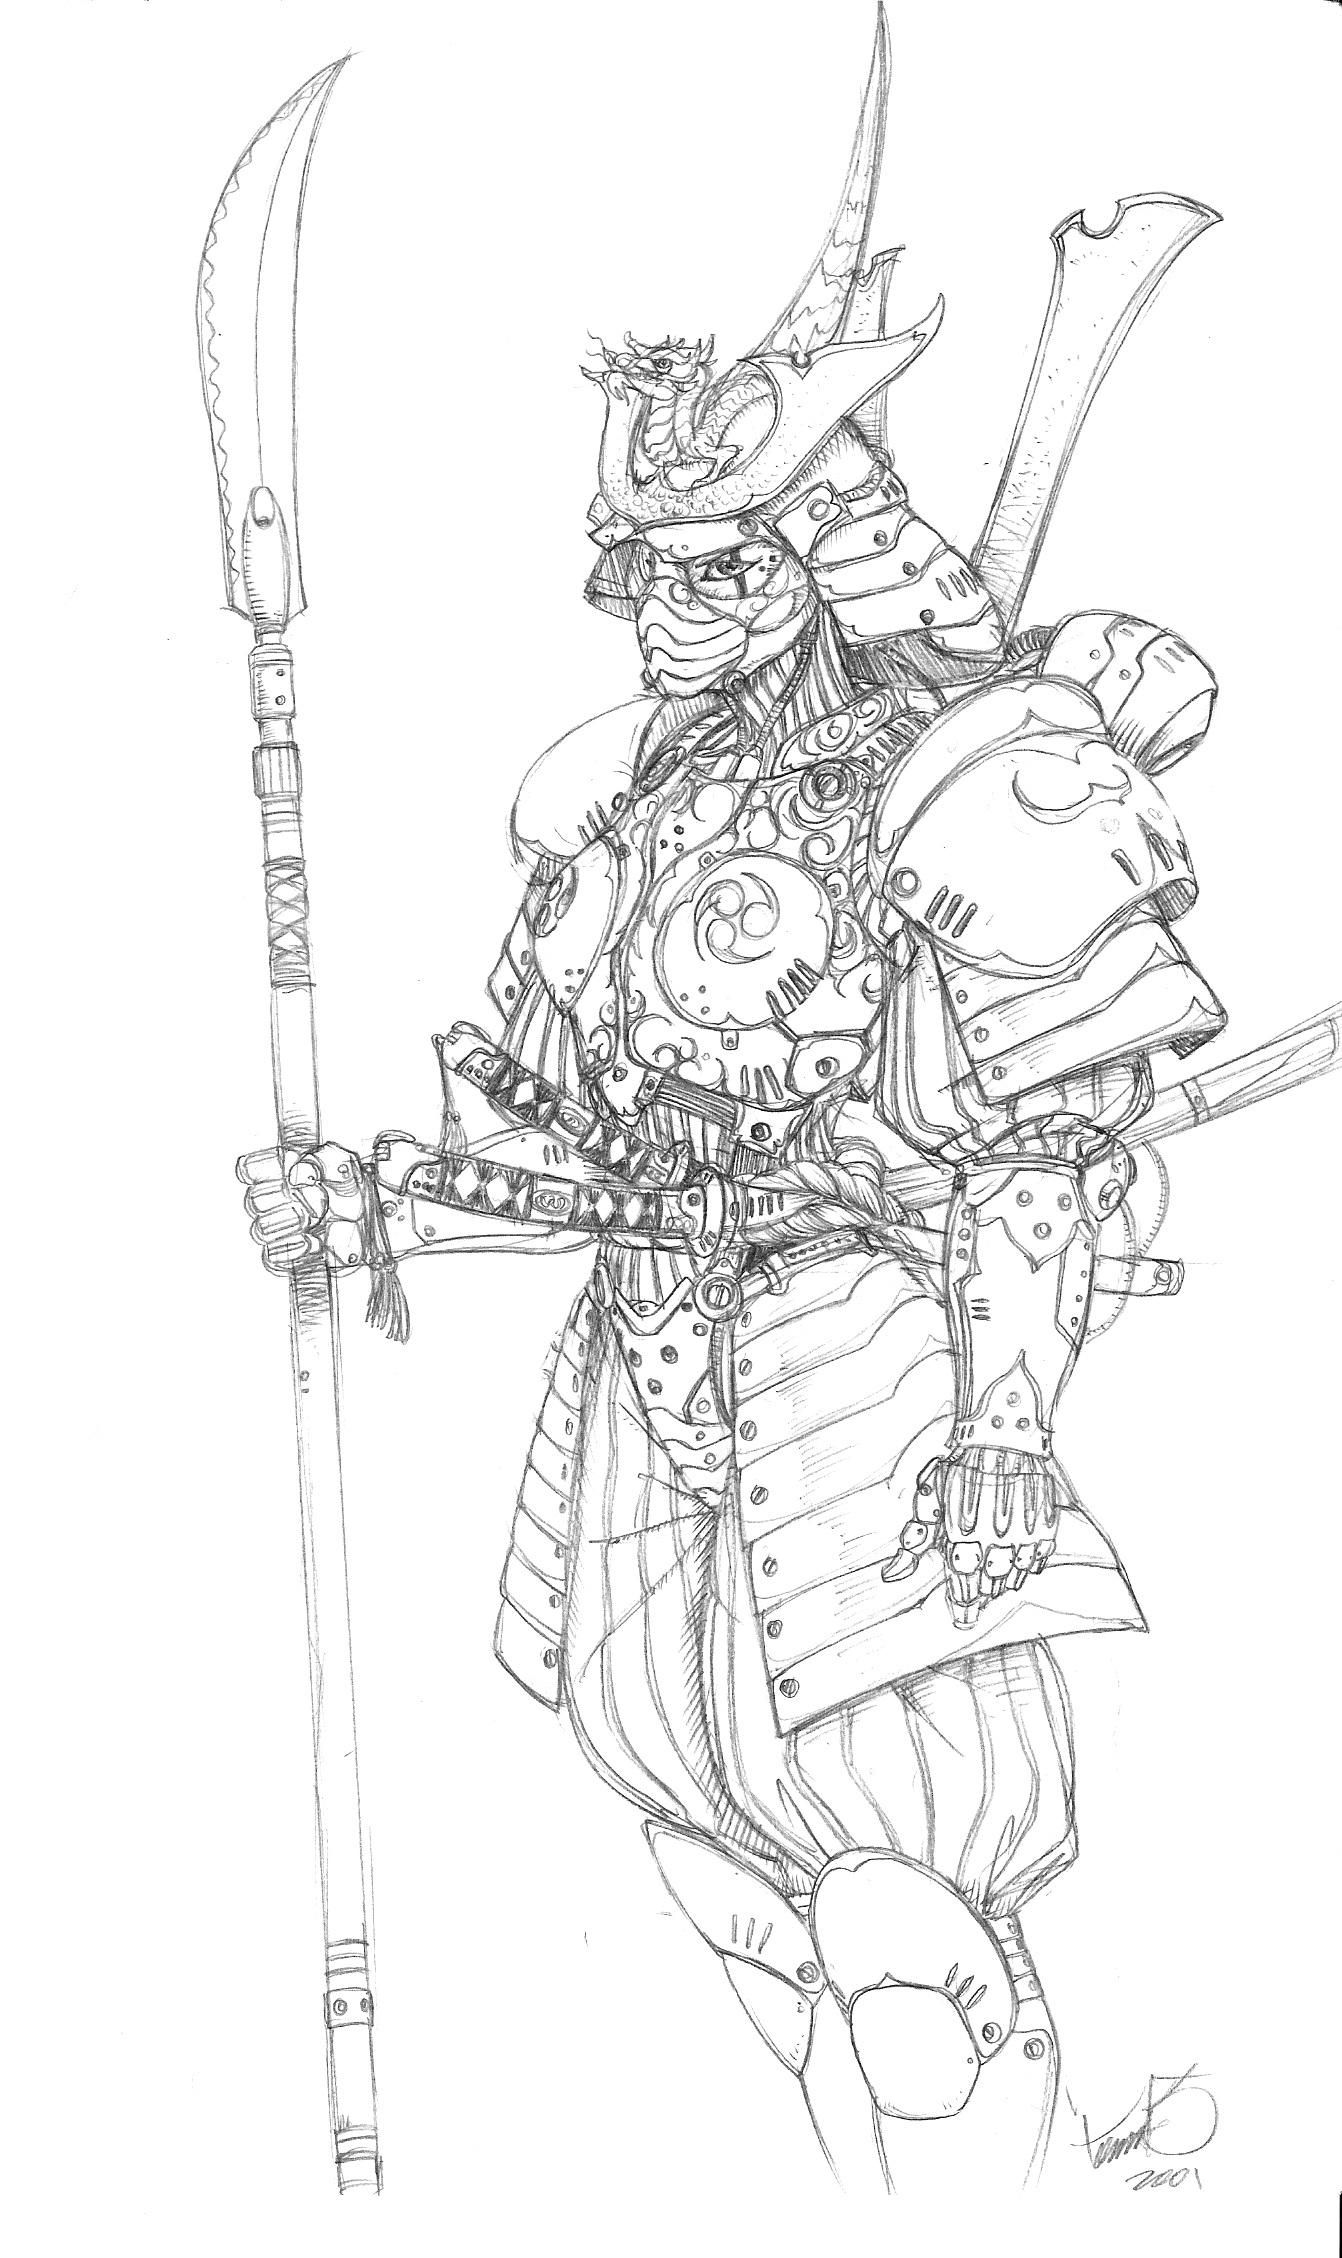 Samurai Mech Suit By Tdm Studios